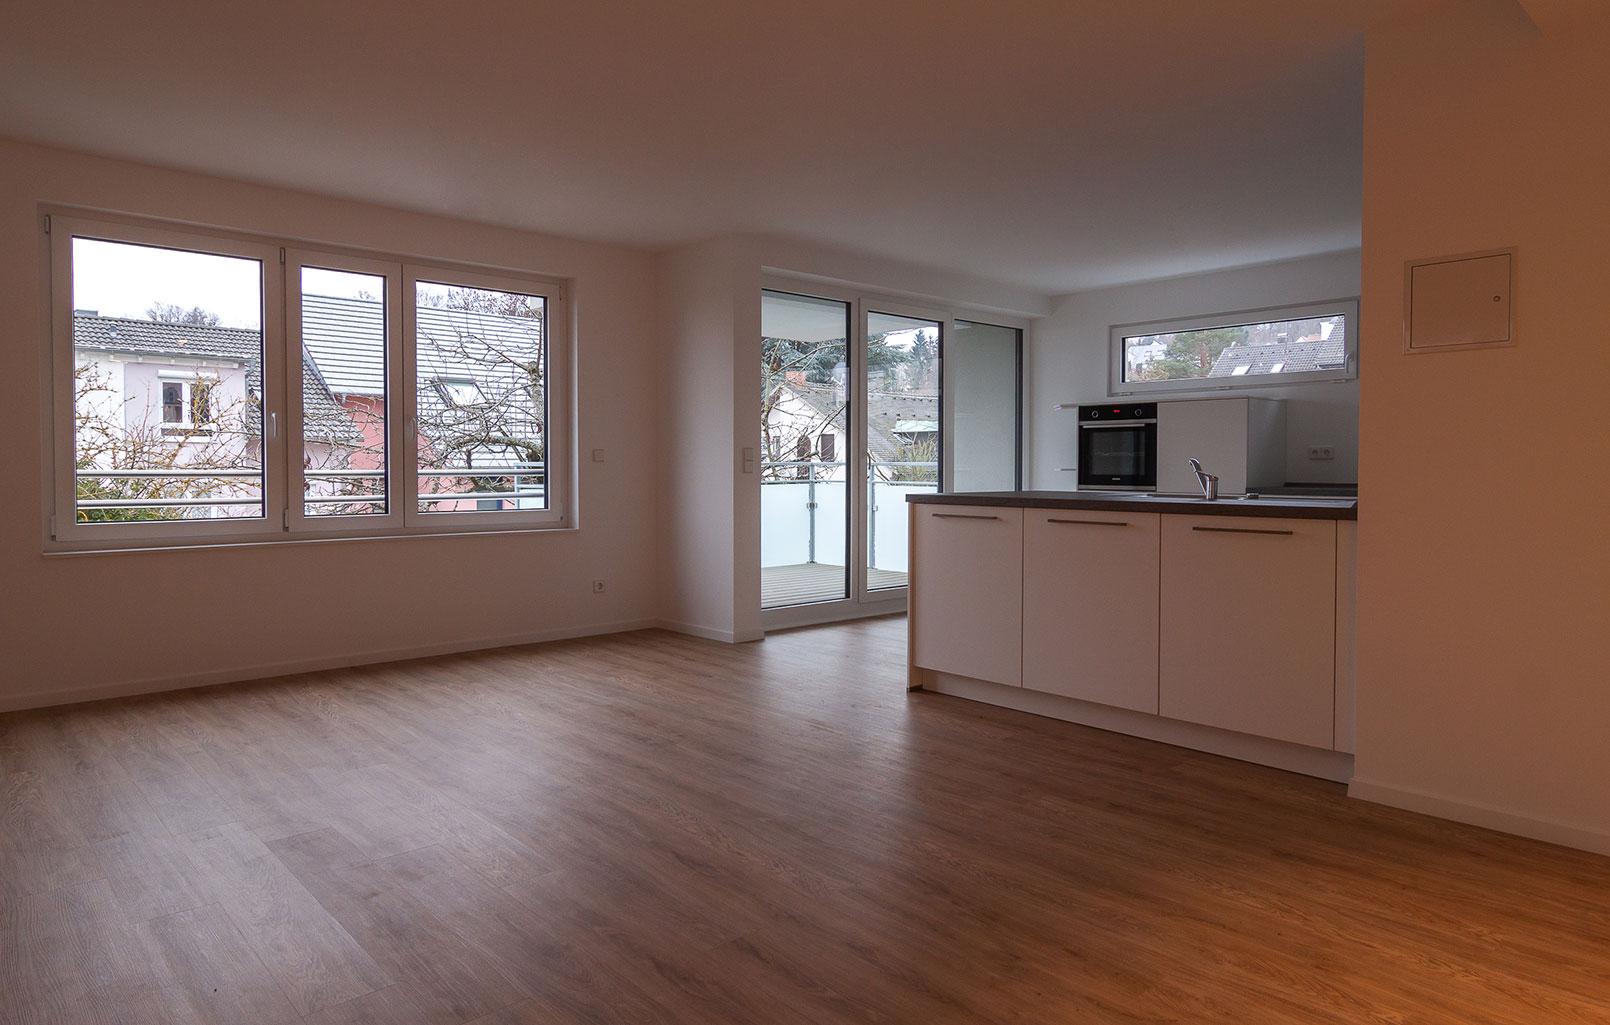 Vaihingen Innenarchitektur Küche mit Wohnzimmer